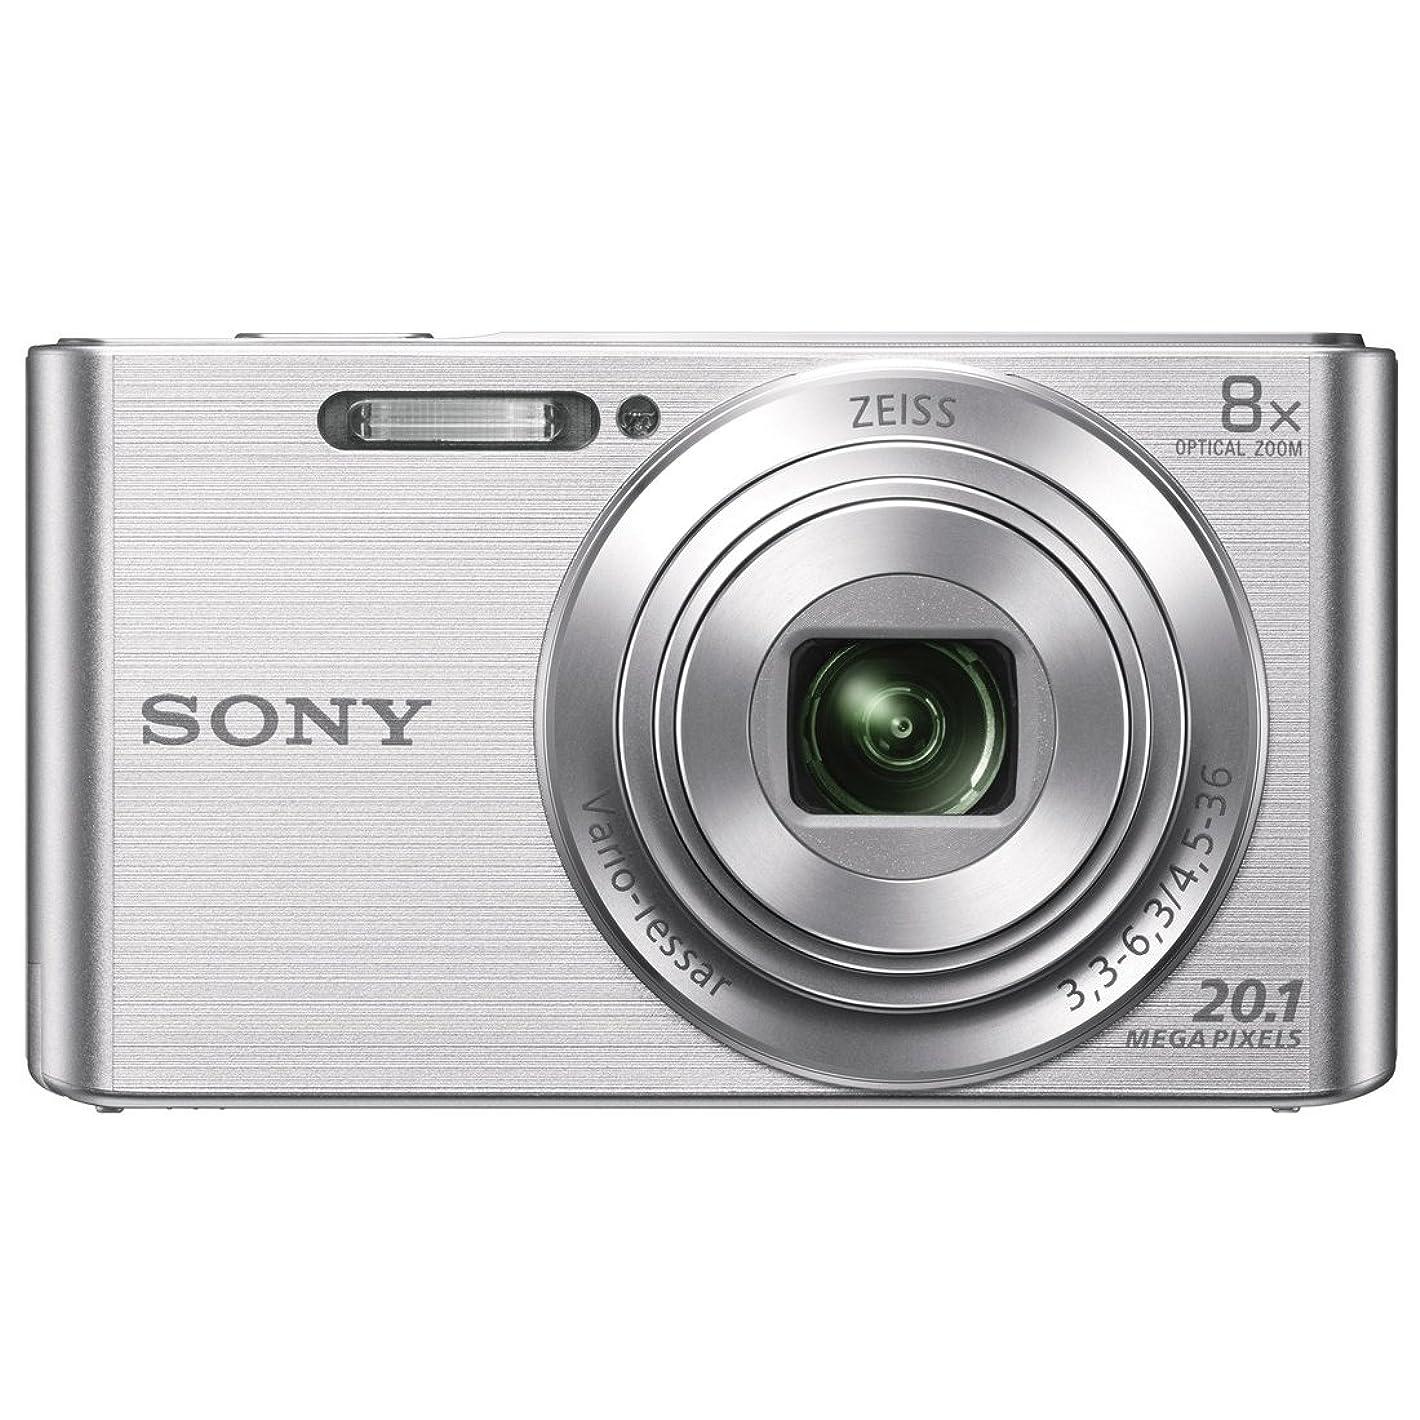 アンタゴニスト軽減味わうソニー SONY デジタルカメラ Cyber-shot DSC-W830